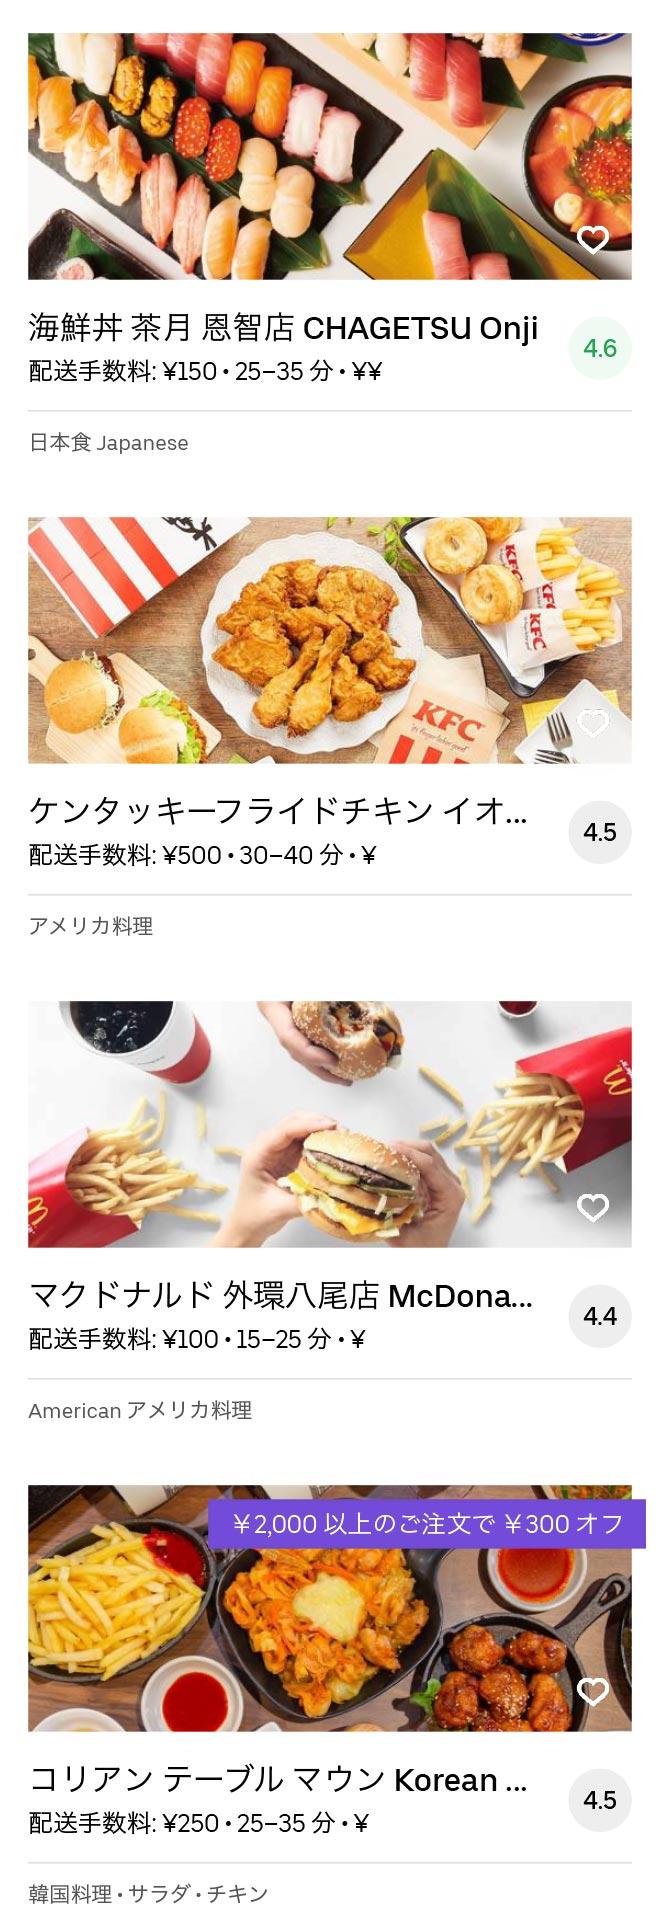 Yao shiki menu 2005 08